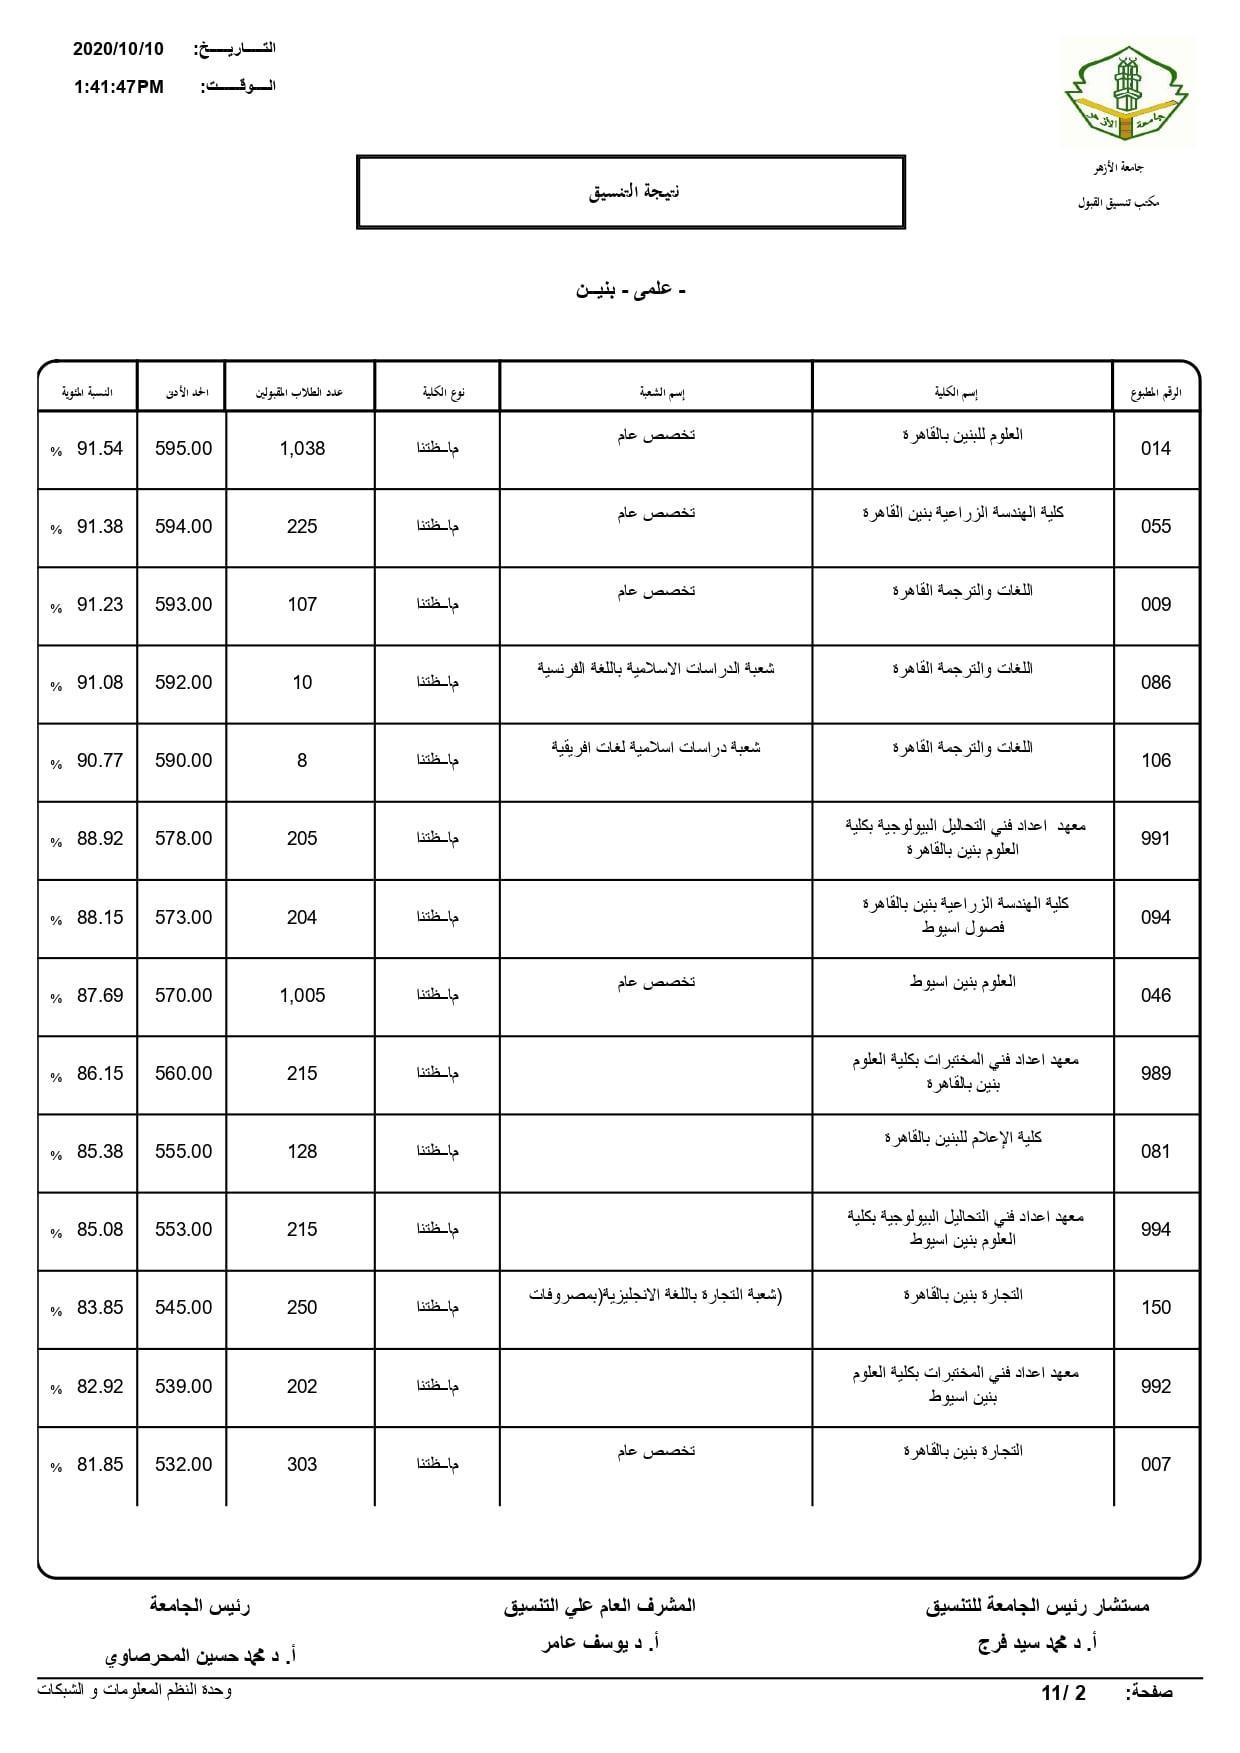 نتيجة تنسيق كليات جامعة الأزهر لعام 2020 بالكامل 20201010200653091